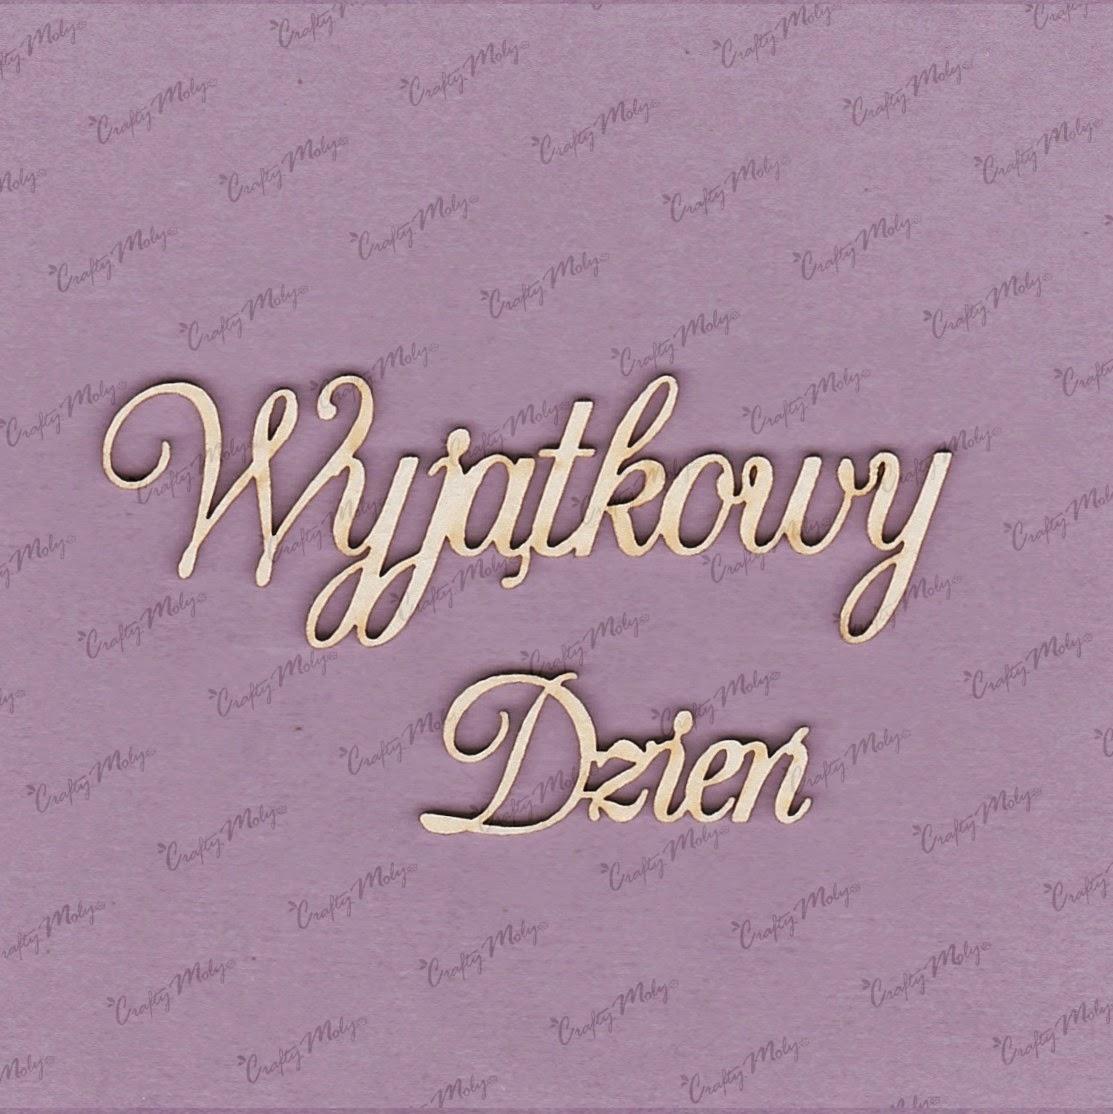 http://www.craftymoly.pl/pl/p/151-Tekturka-napis-Wyjatkowy-Dzien-1-2-szt-/419